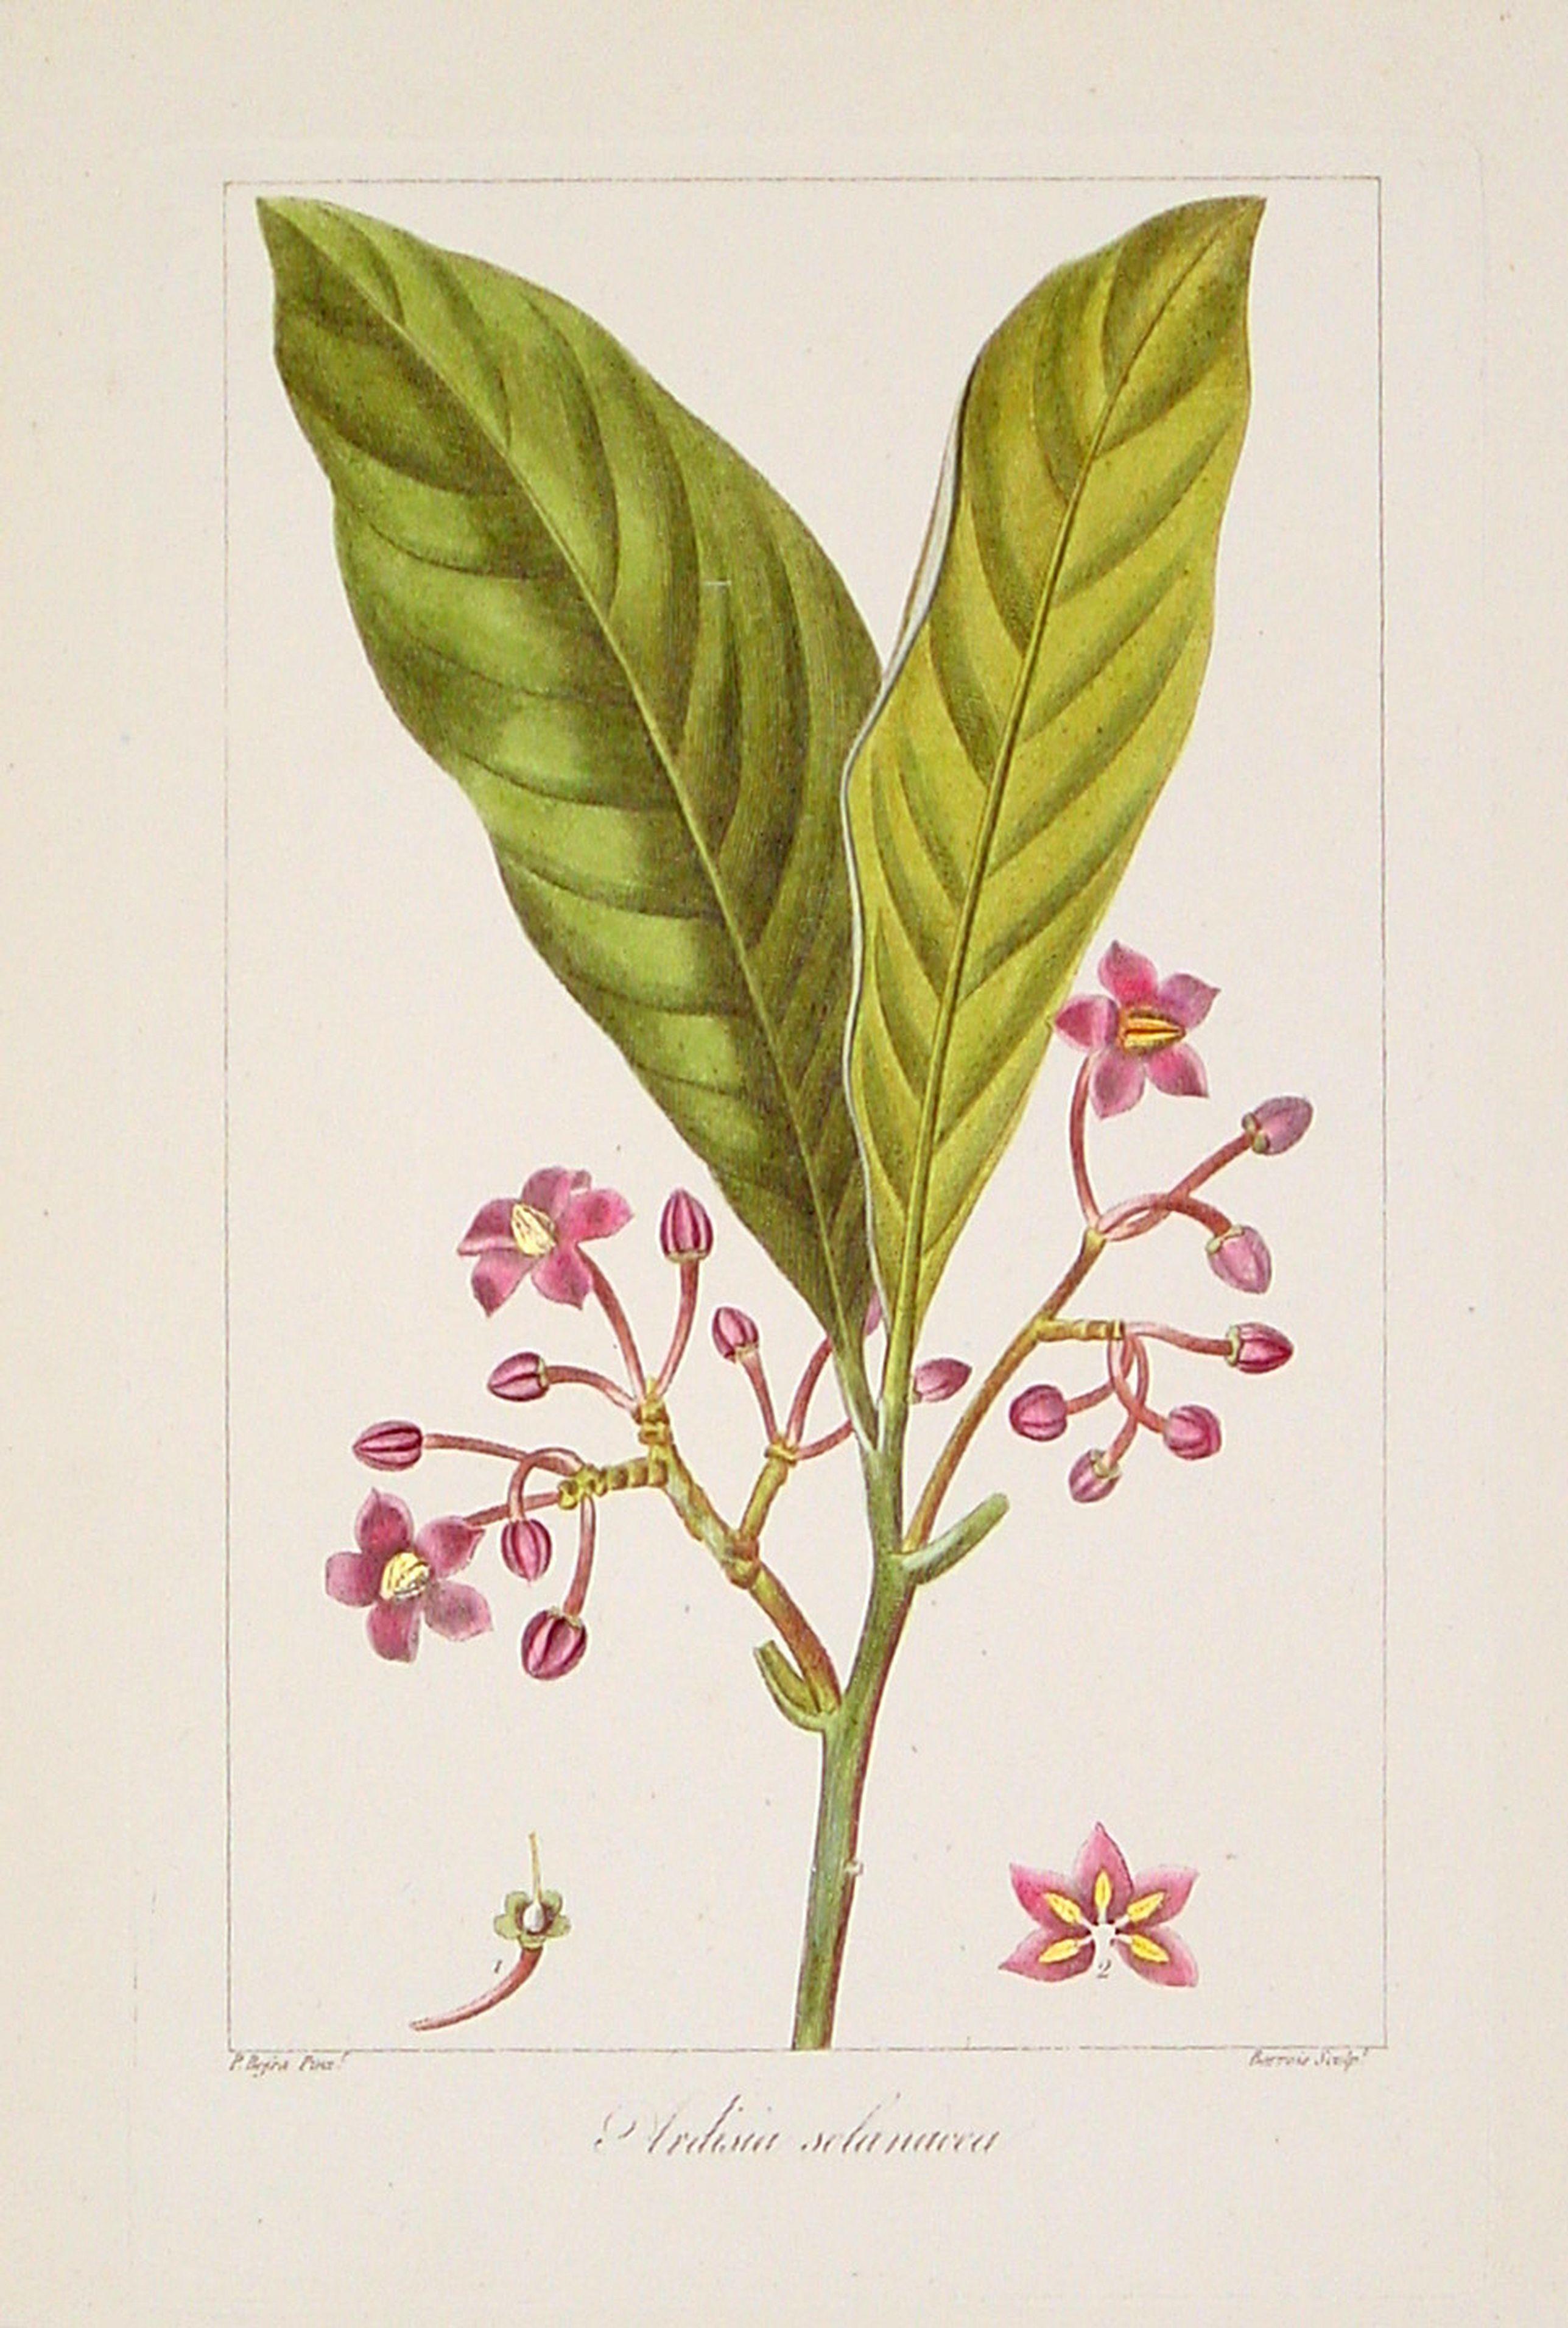 MORDANT DE LAUNAY, J.C.M. -  Ardsia solanacea.